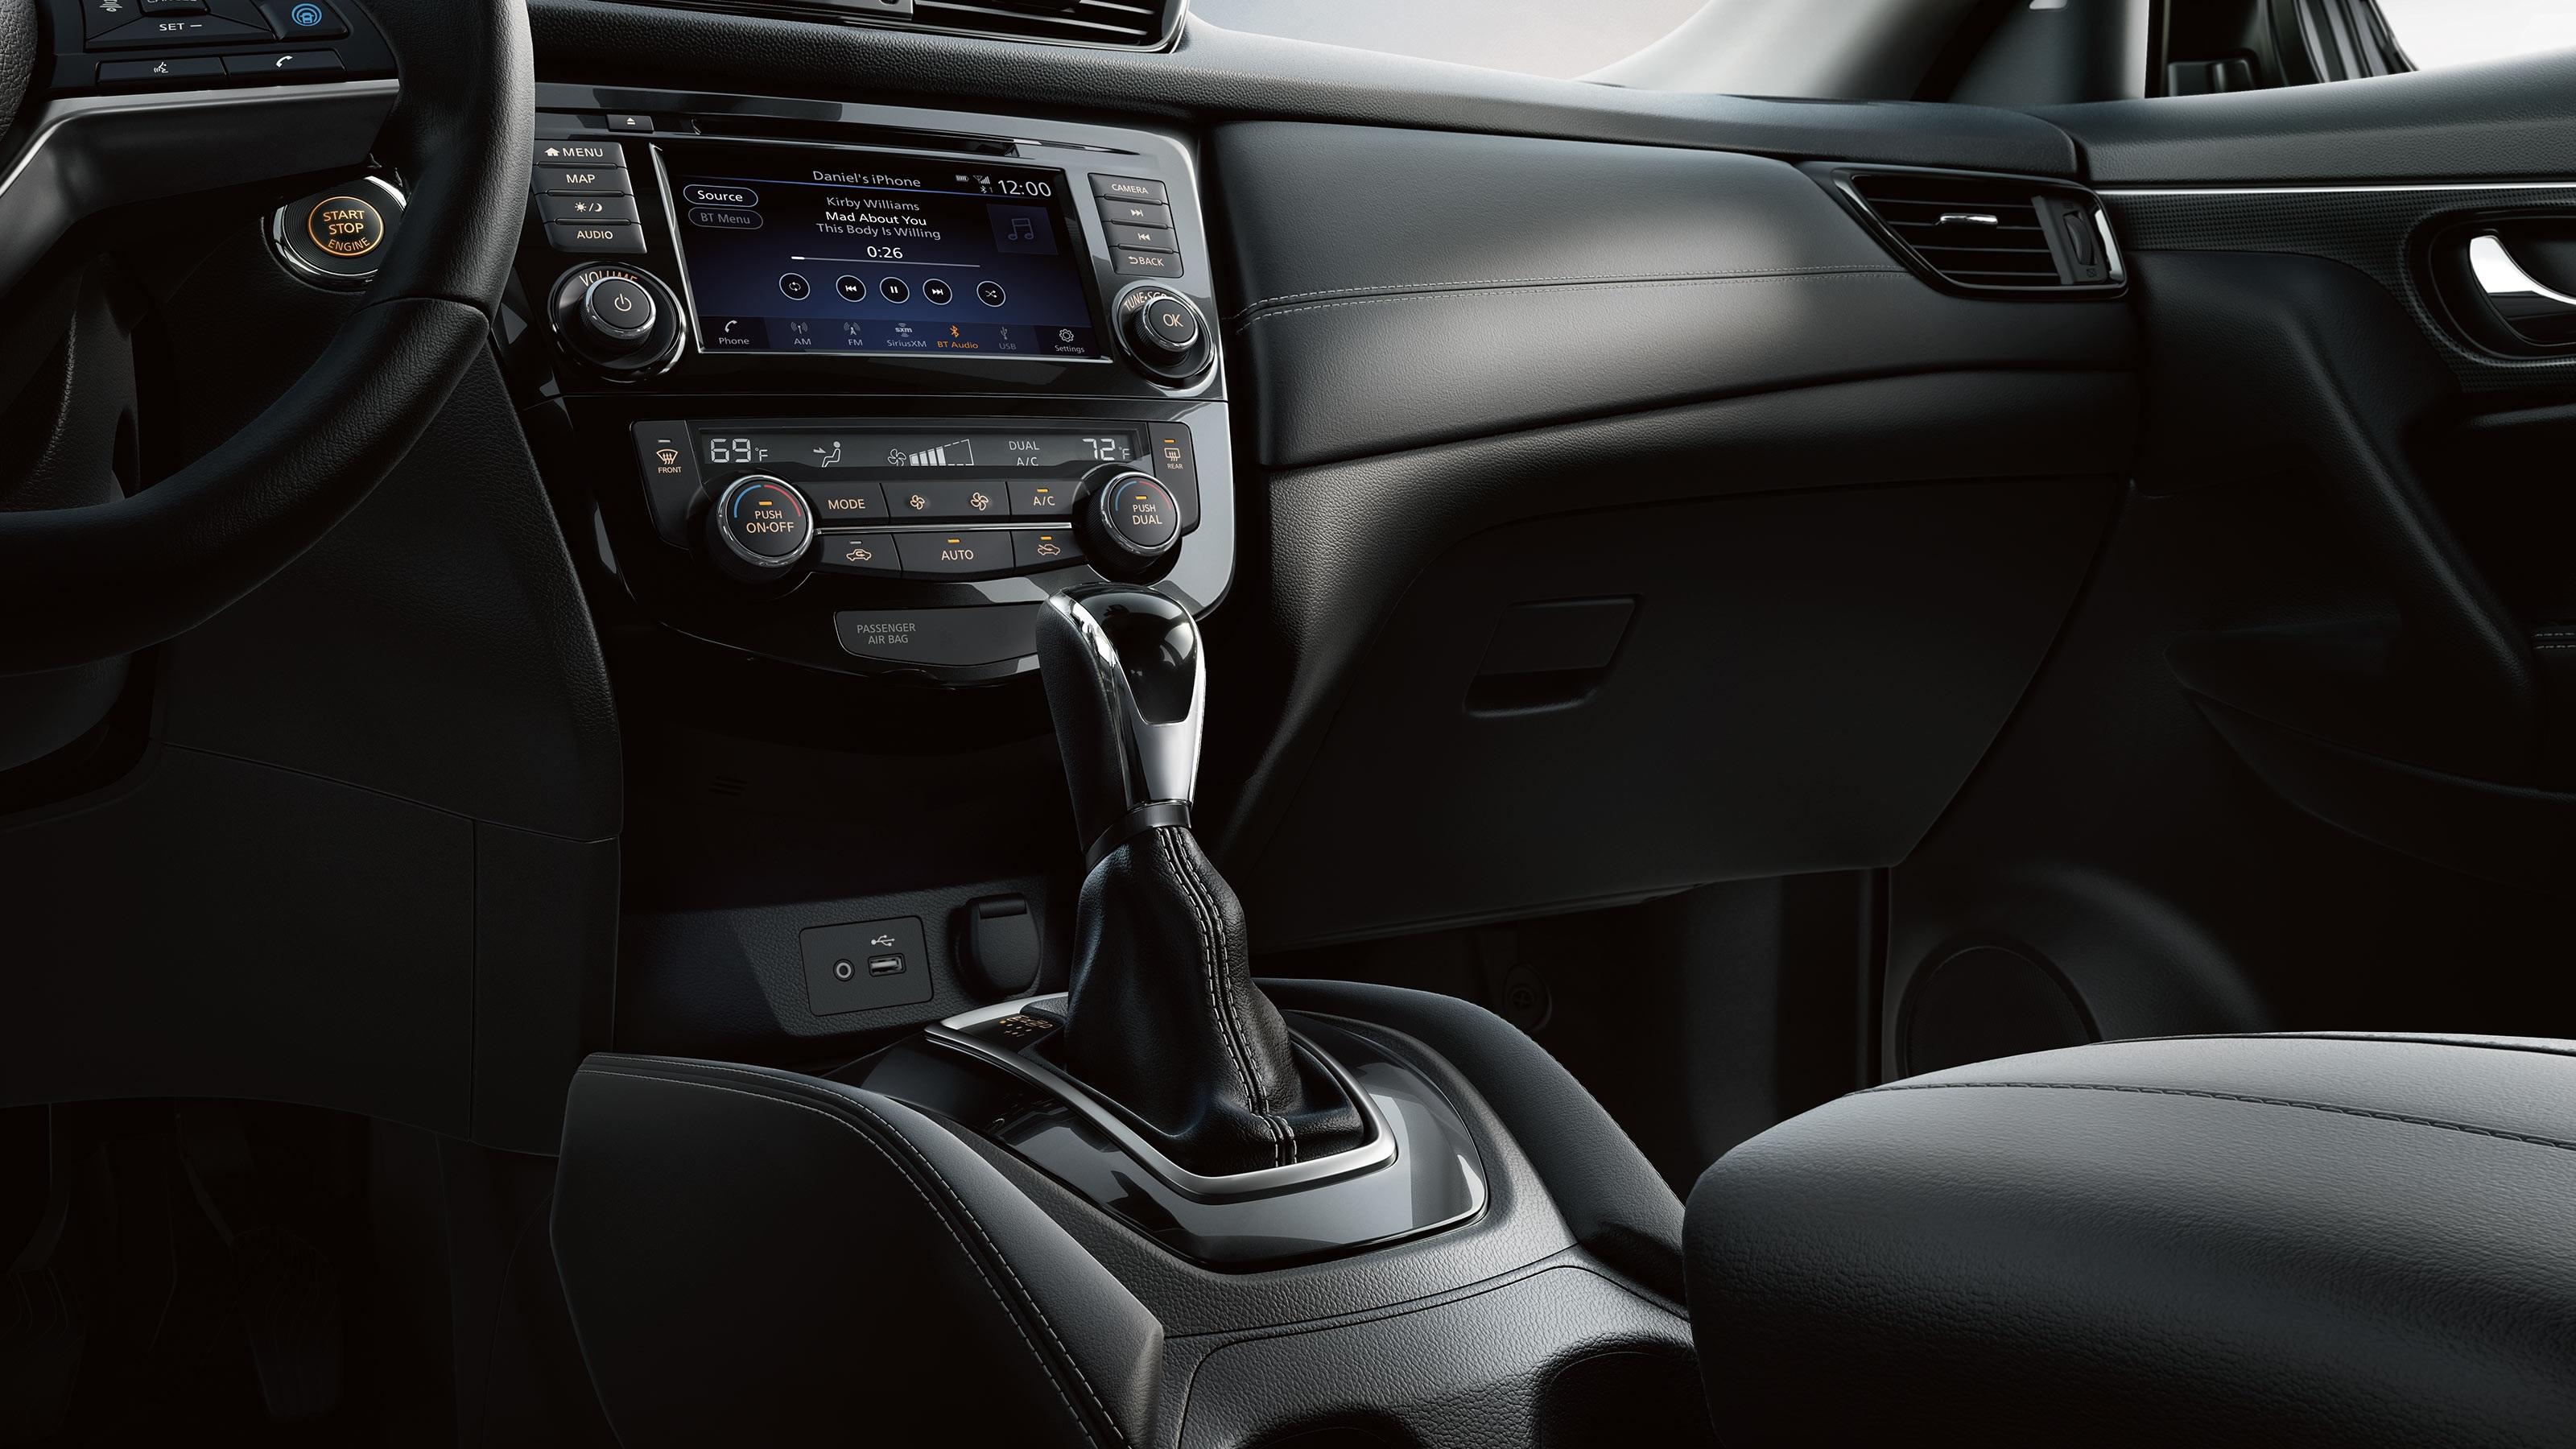 2020 Nissan Rogue Gear Shifter